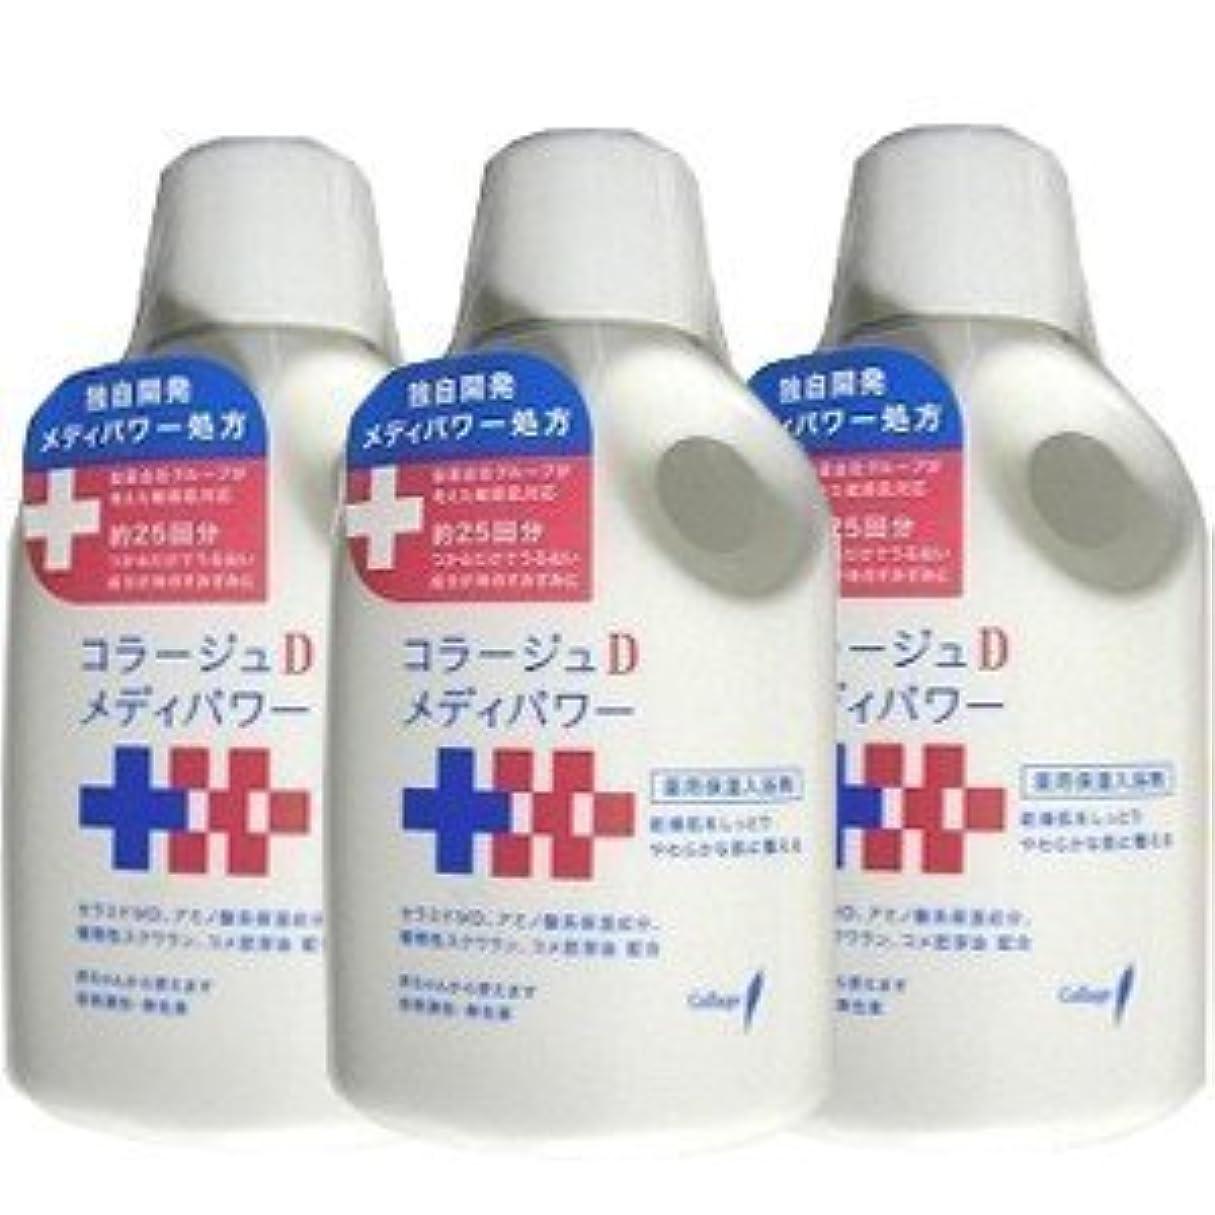 前進不振レンディション【3本】コラージュD メディパワー保湿入浴剤 500mlx3本